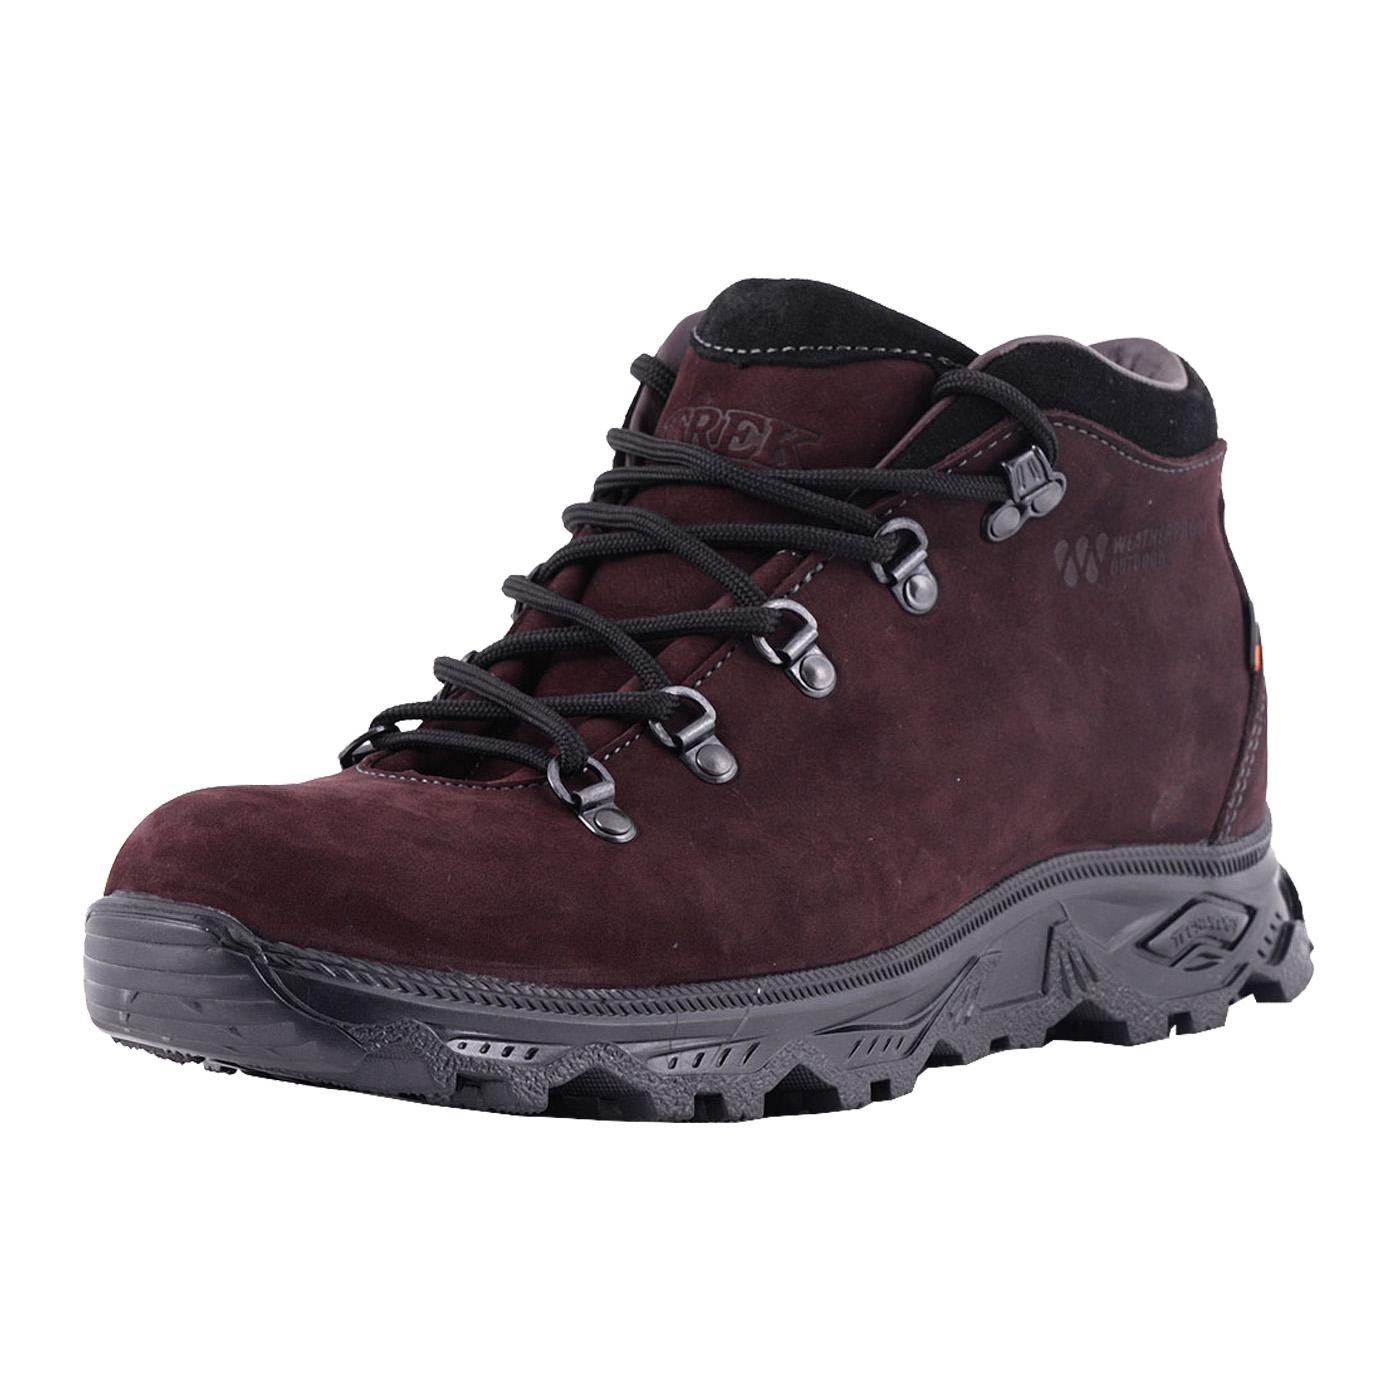 Ботинки мужские TREK Andes3 (шерст.мех), Ботинки - арт. 1129400177